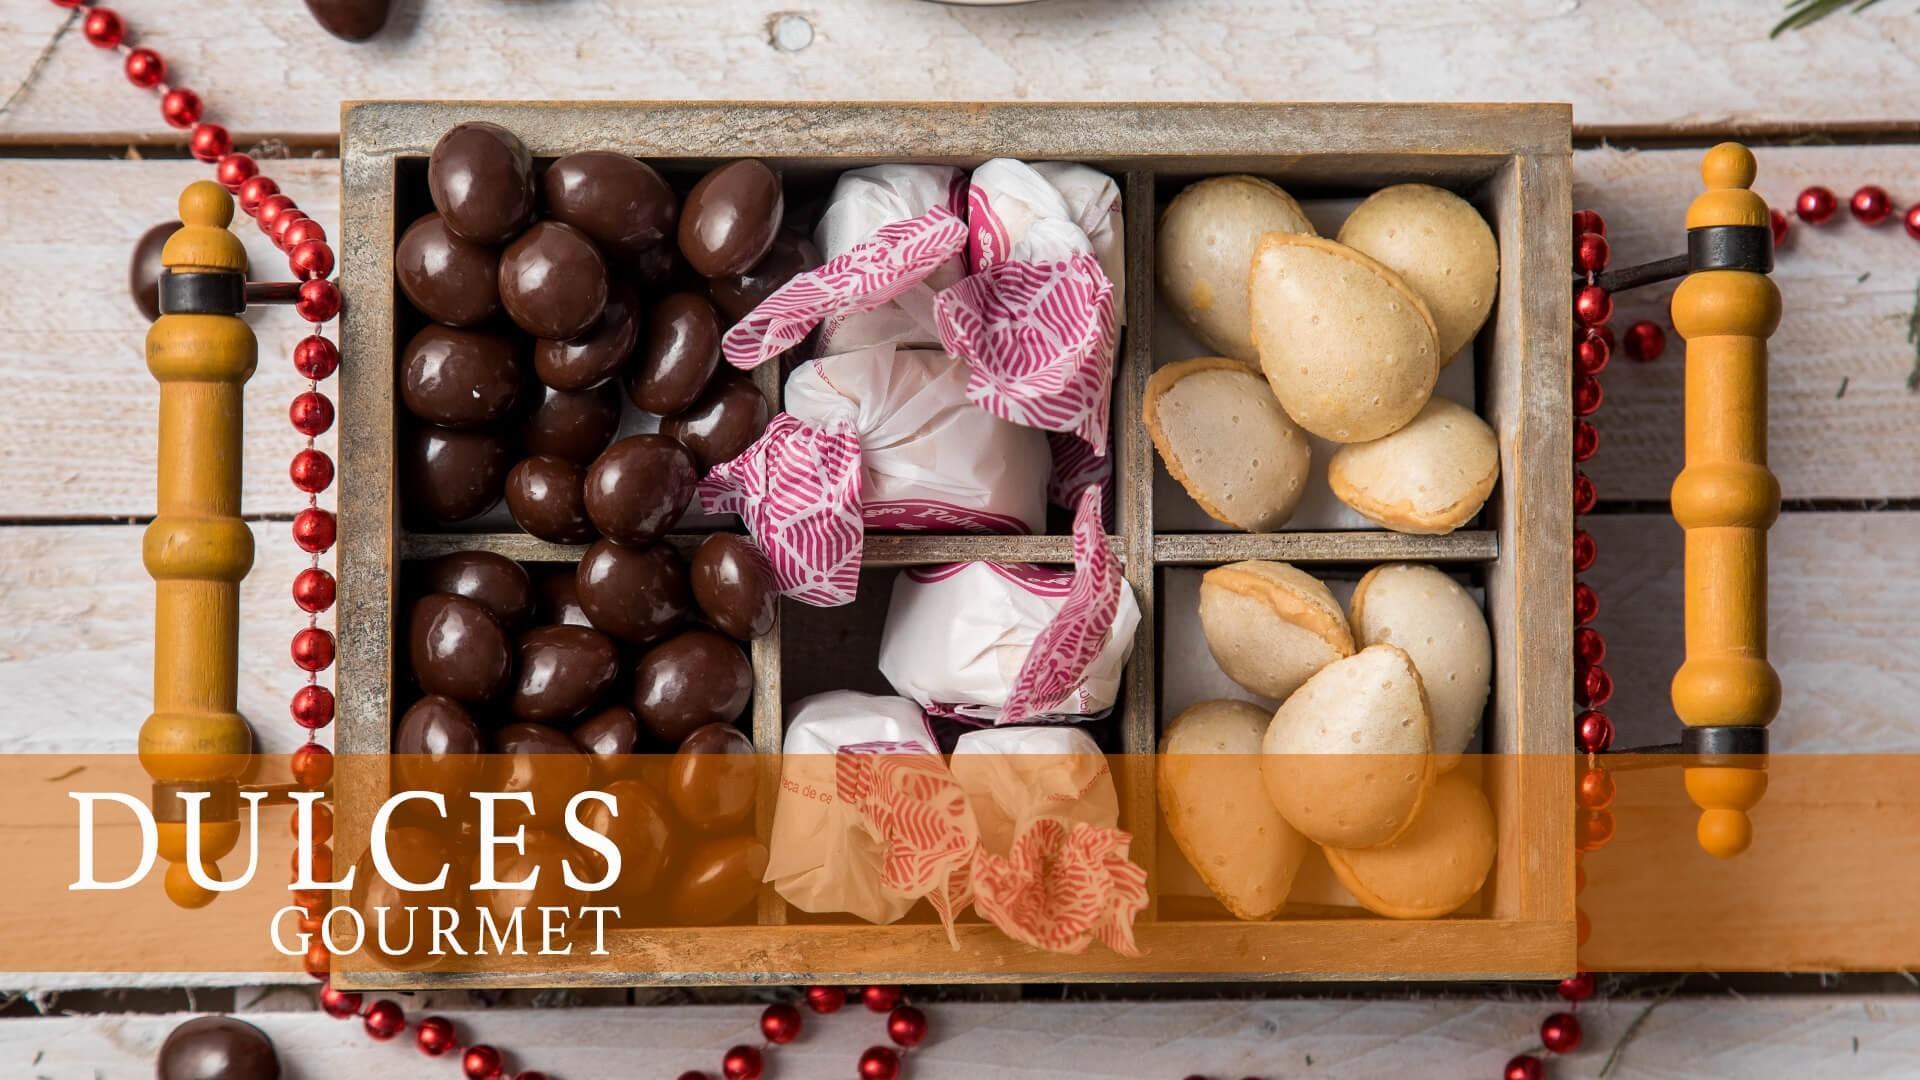 ▷ Dulces Gourmet | Bombones, pasteles y más productos gourmet